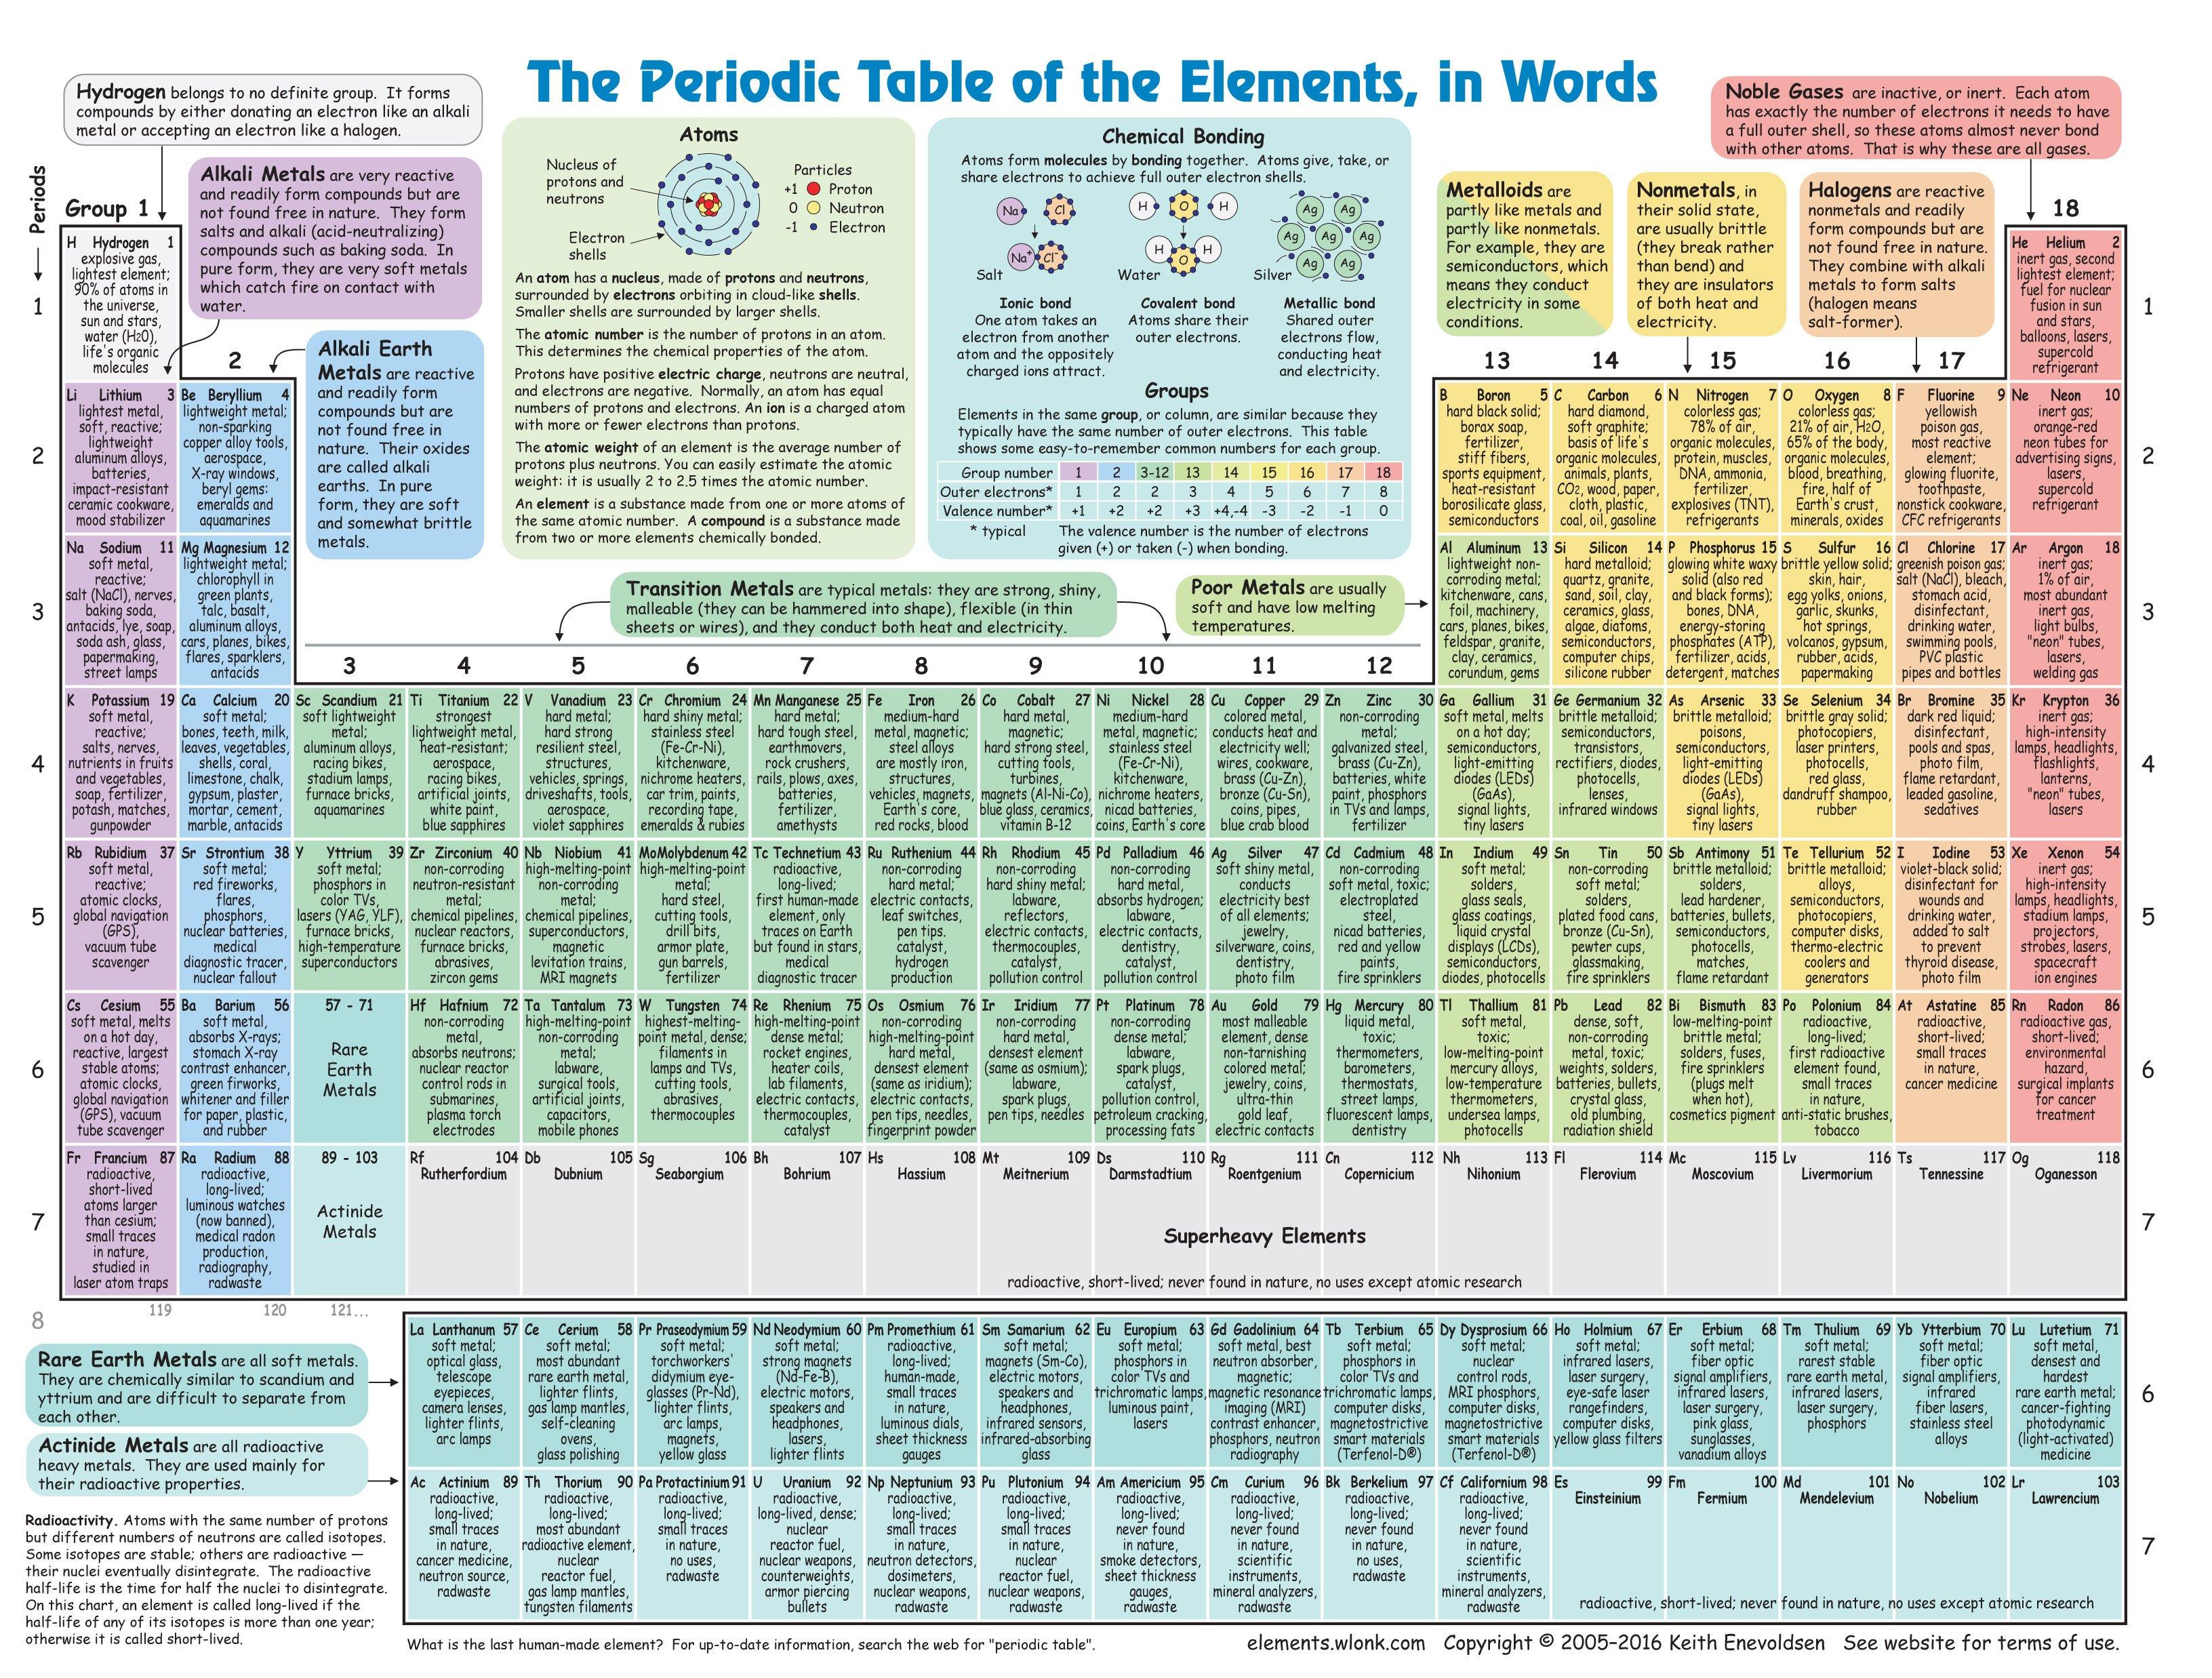 Elements_Pics_11x8-2no2.jpg